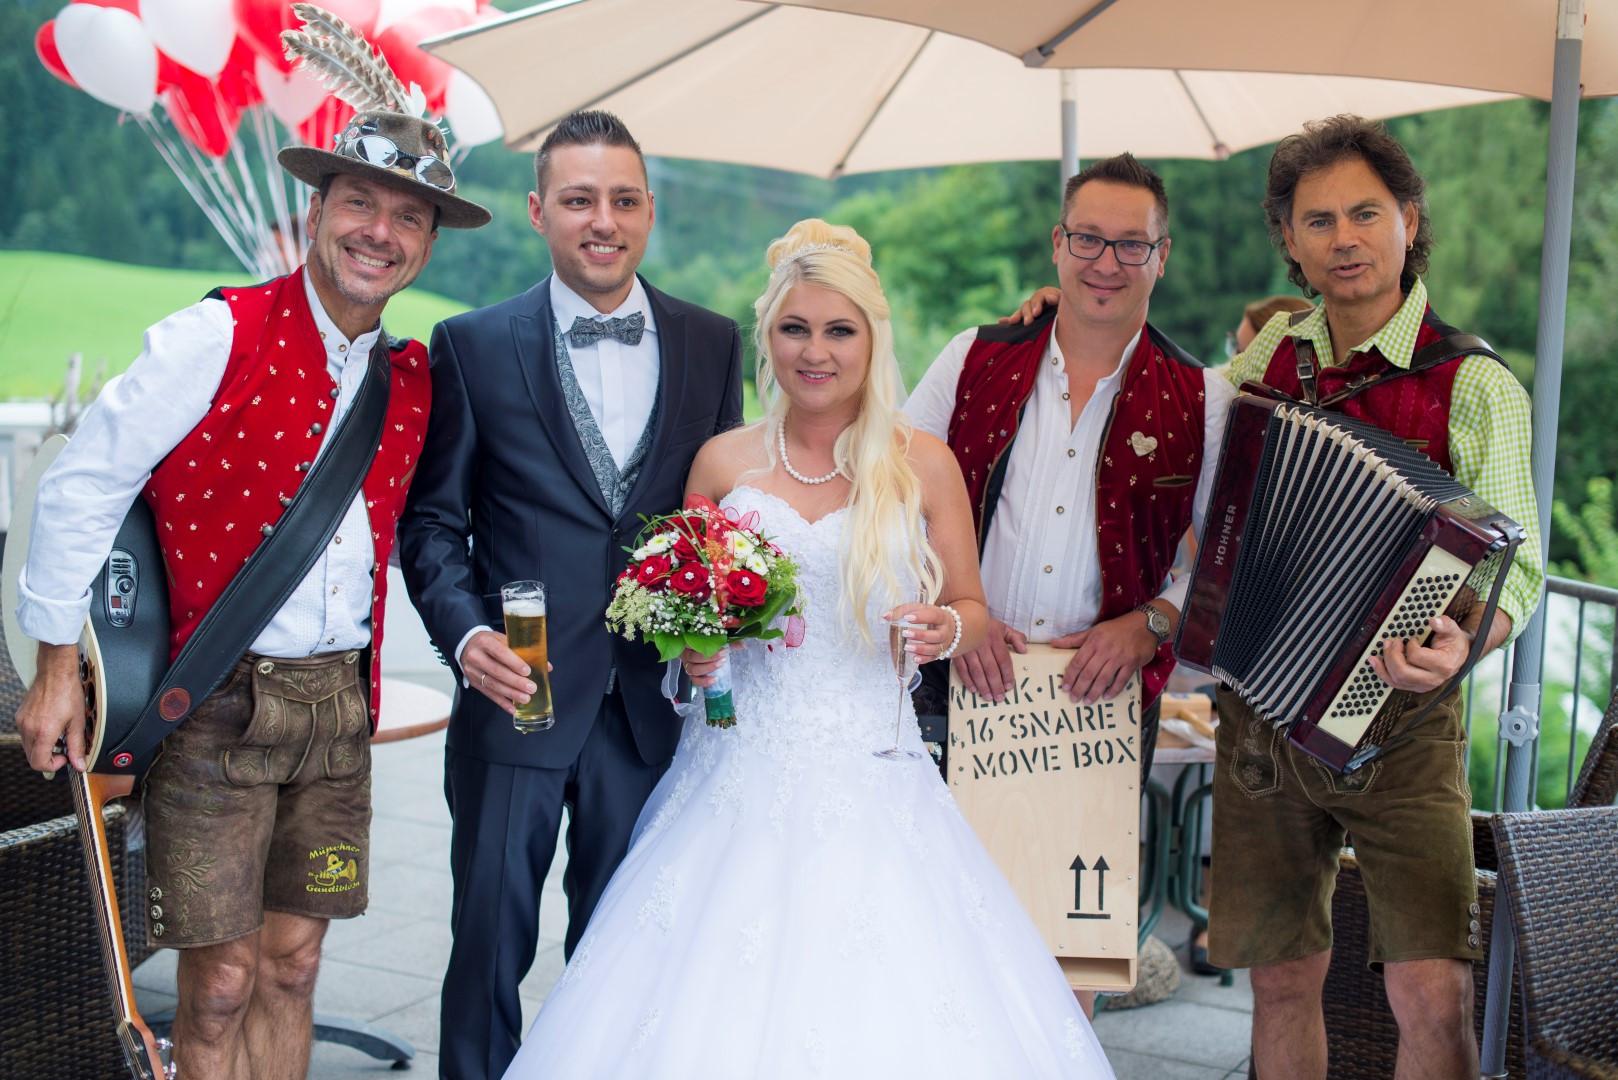 Band Hochzeit  hochzeitsband partyband band hochzeit muenchen rosenheim